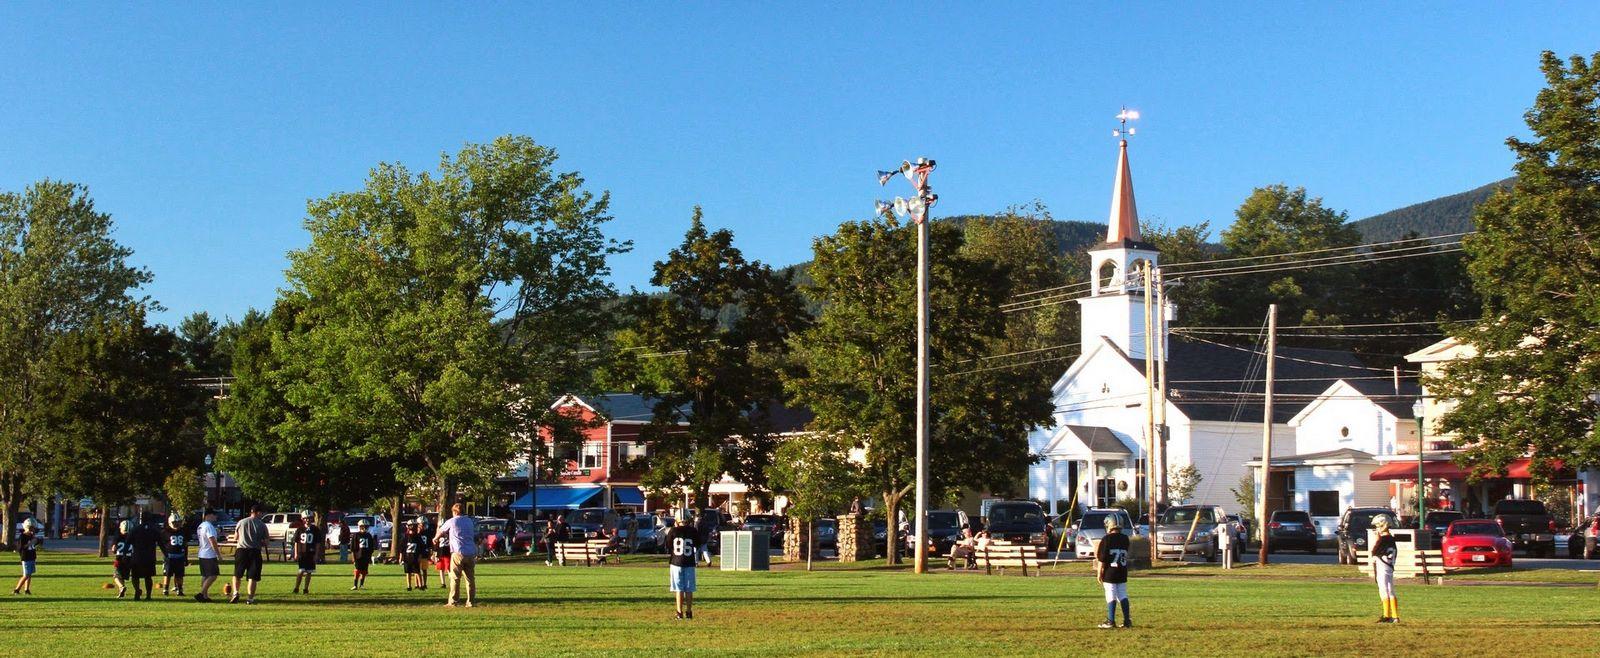 Iglesias, parques y niños jugando a football